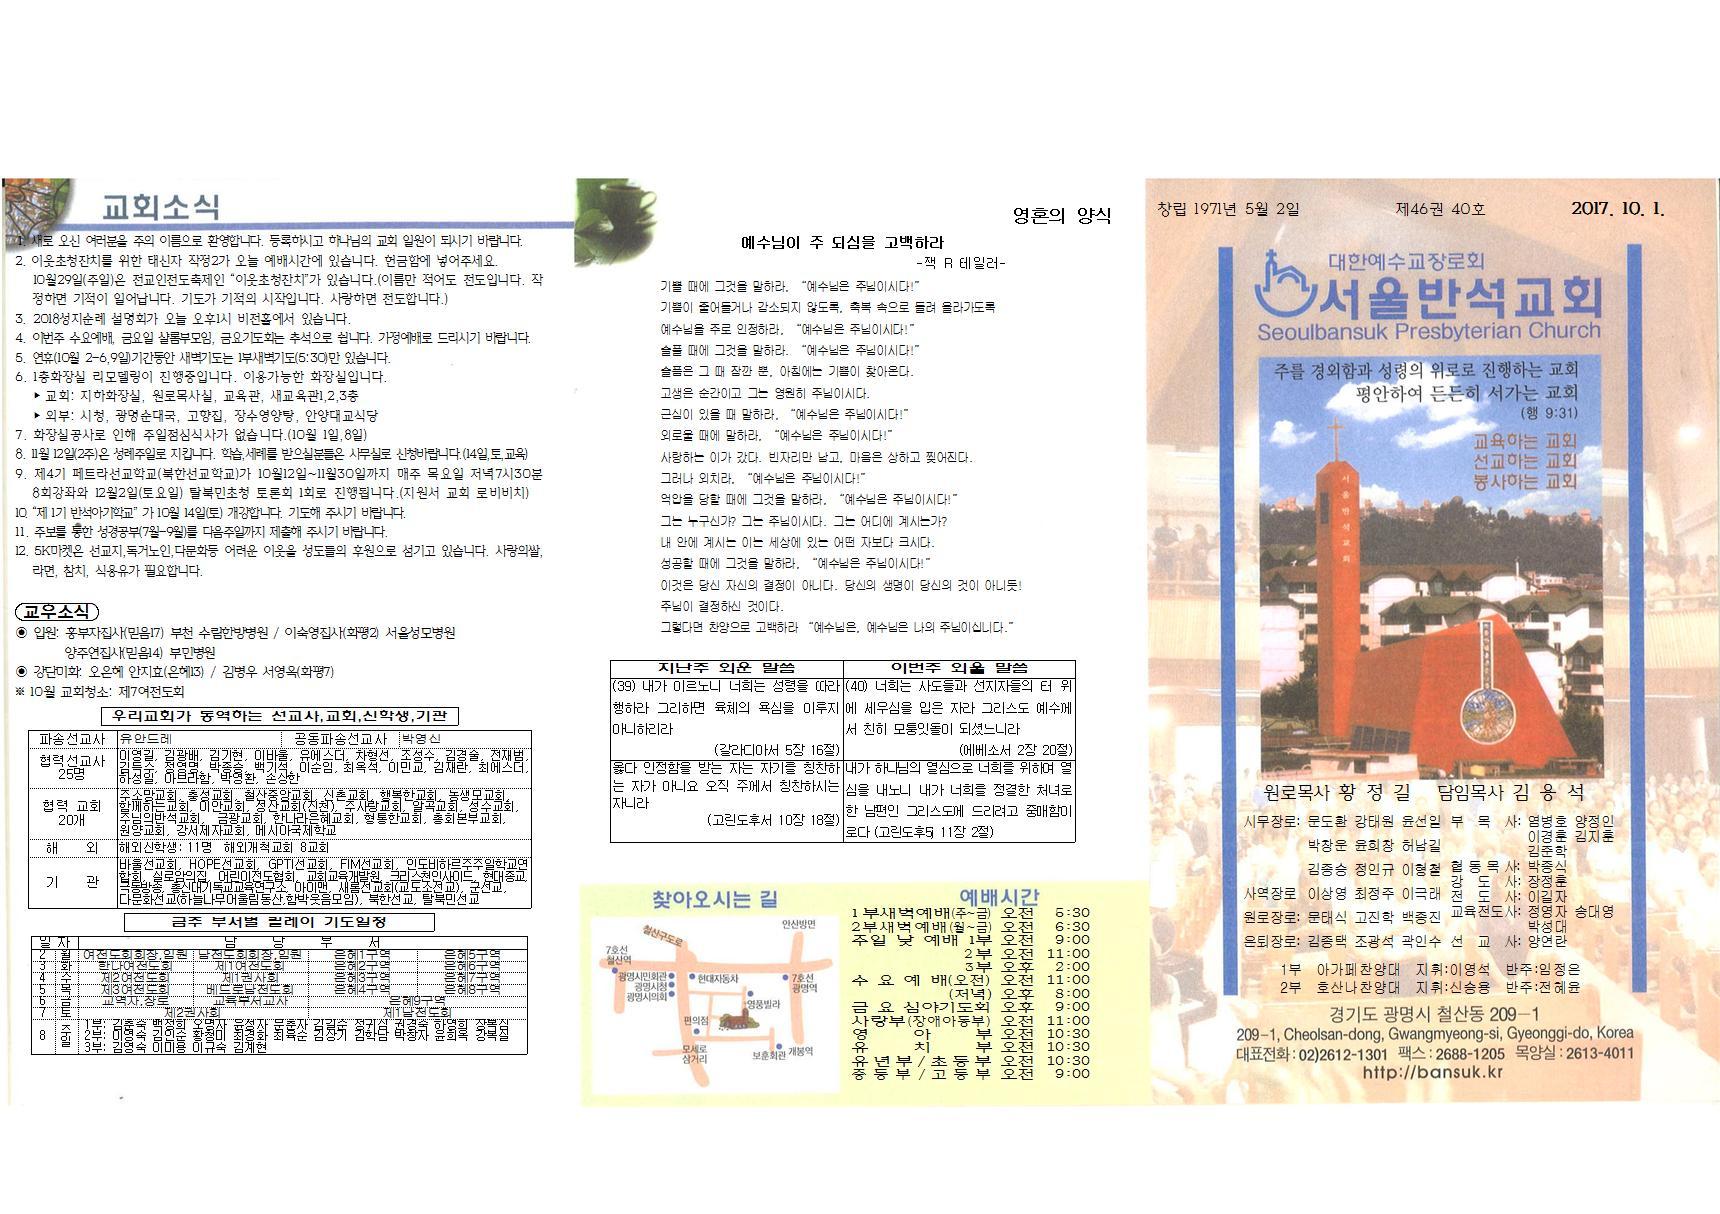 주보 제46권 40호(2017.10.1)